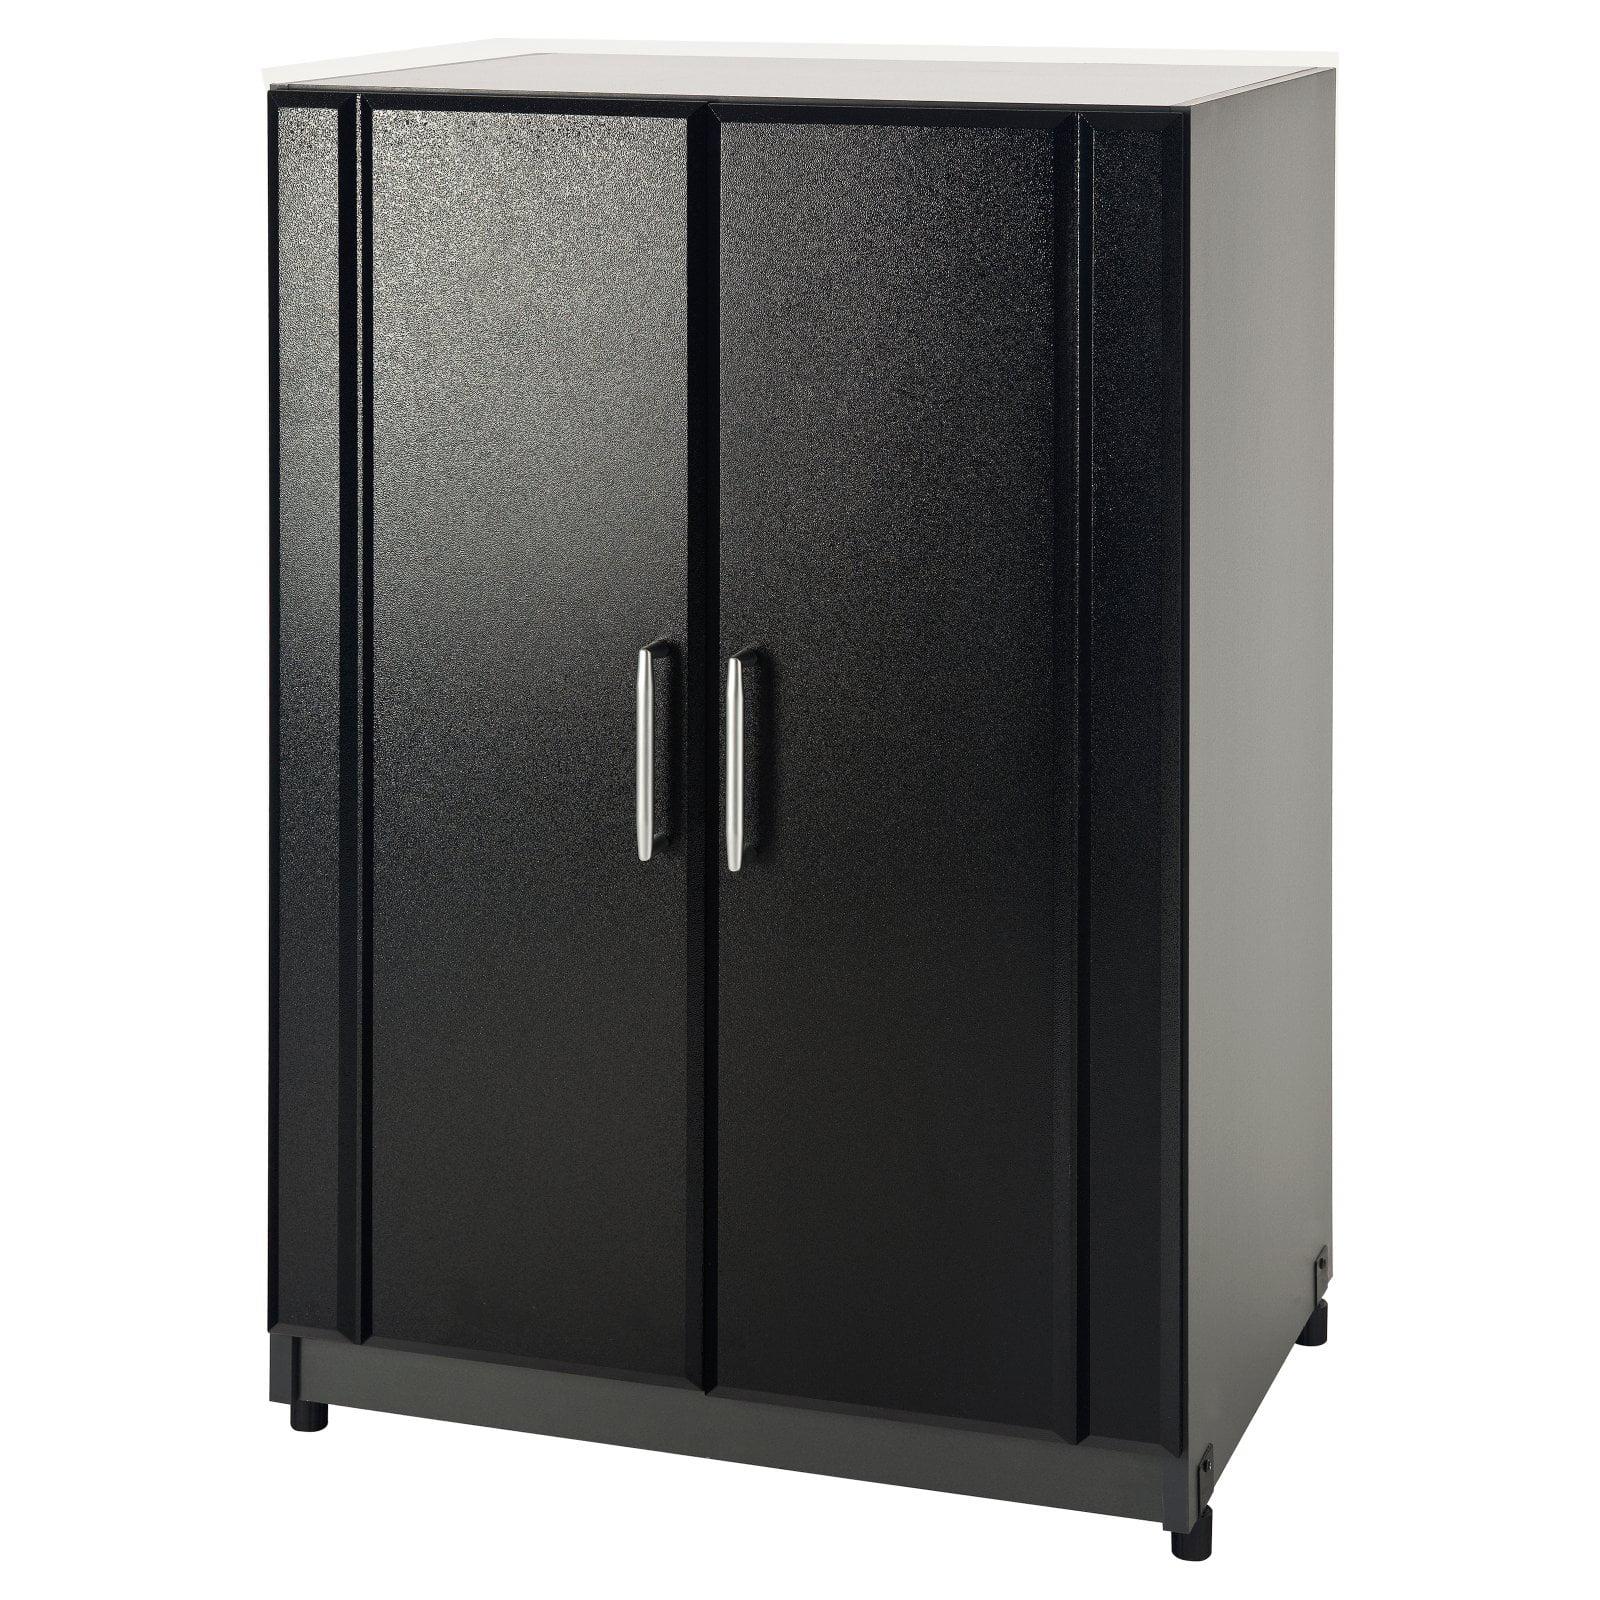 ClosetMaid 2 Door Freestanding Base Cabinet with Adjustable Shelf